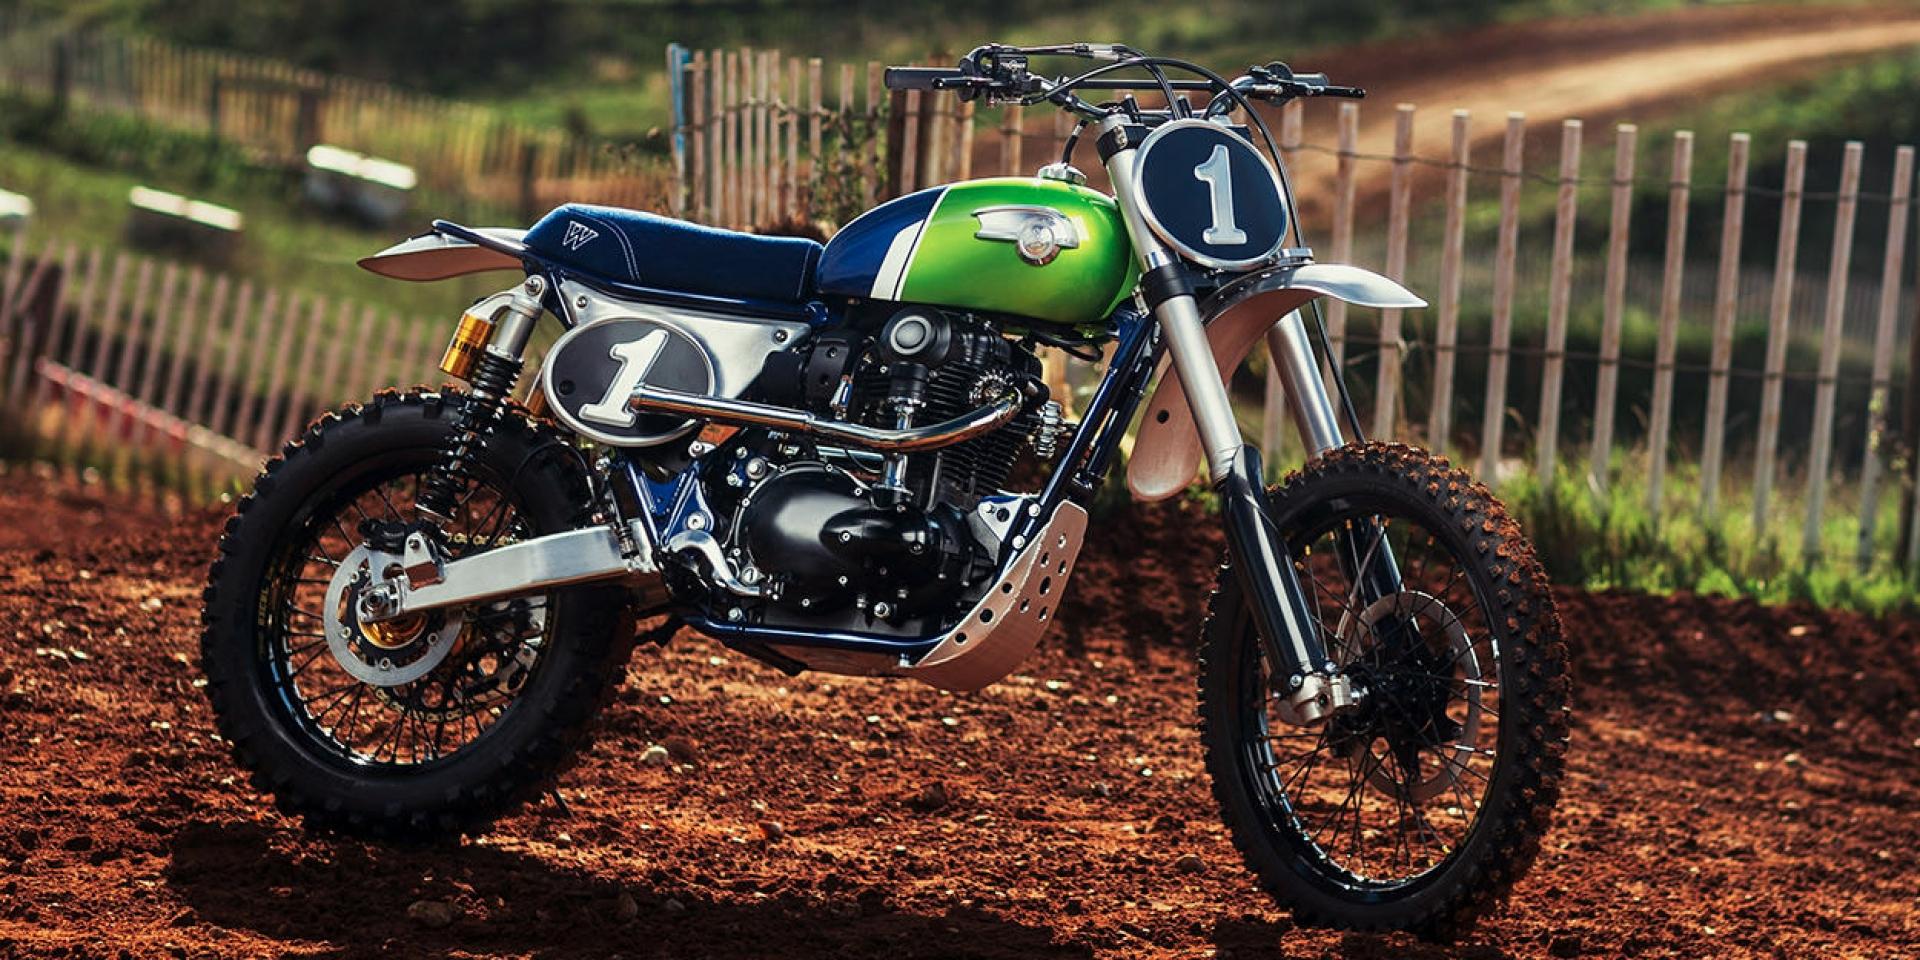 復古車的老派越野風。Kawasaki W800 cross by.MRS Oficina